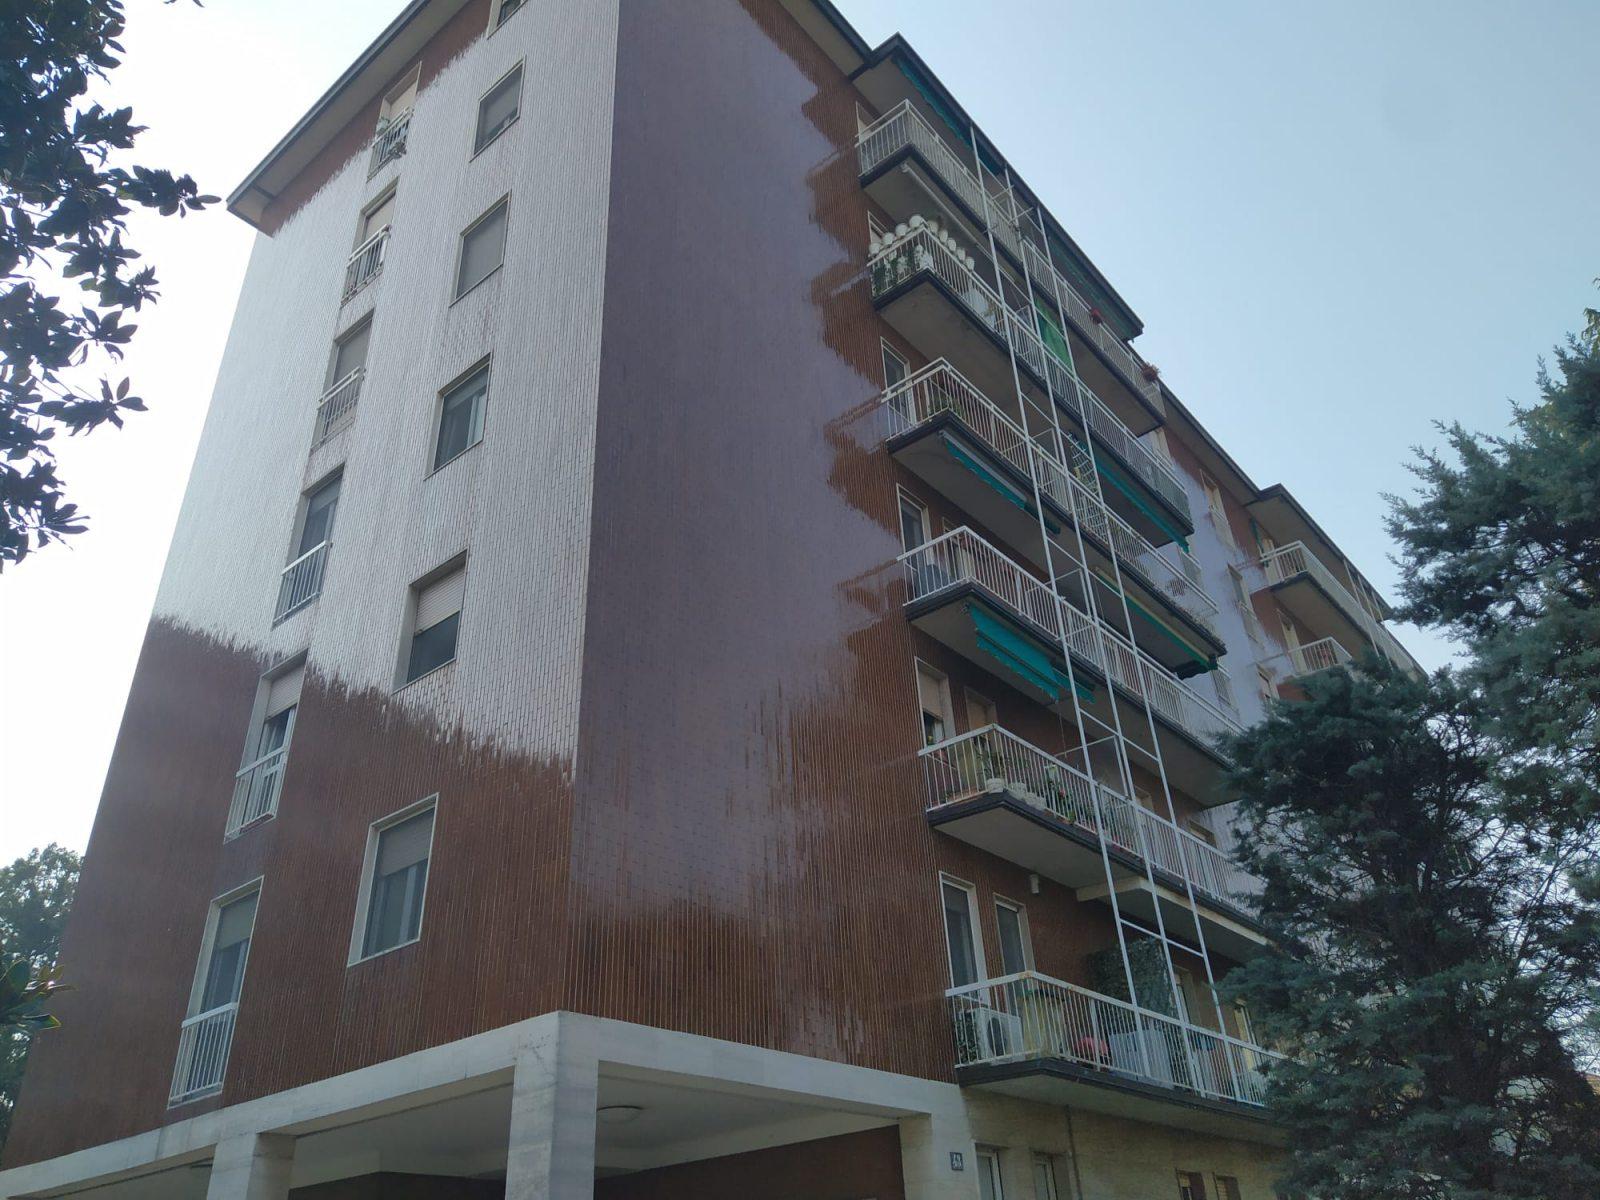 appartamento-in-vendita-a-milano-bagio-3-locali-via-cabella-spaziourbano-immobiliare-vende-20